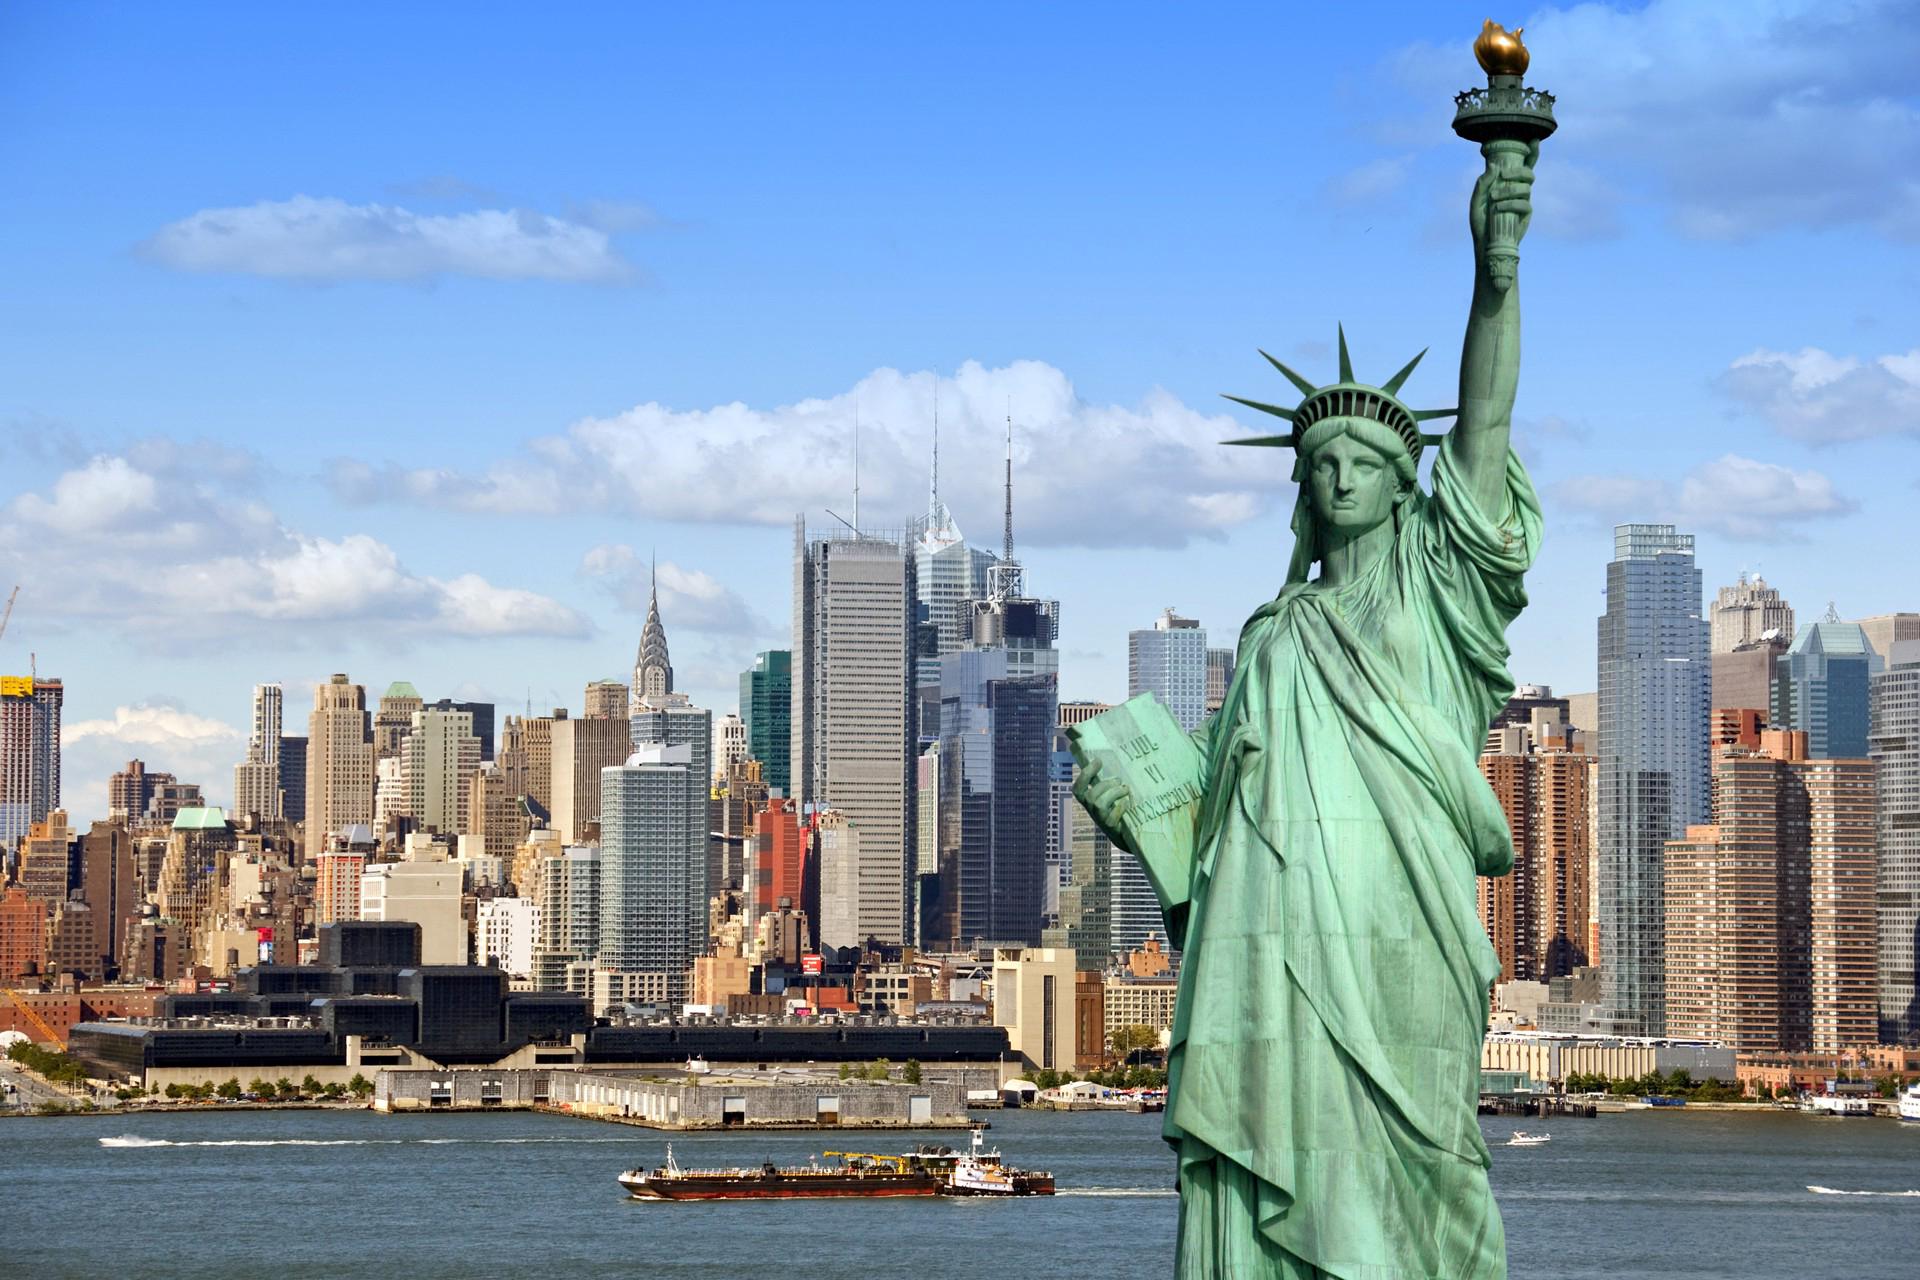 Hình ảnh tượng nữ thần tự do - biểu tượng của nước Mỹ